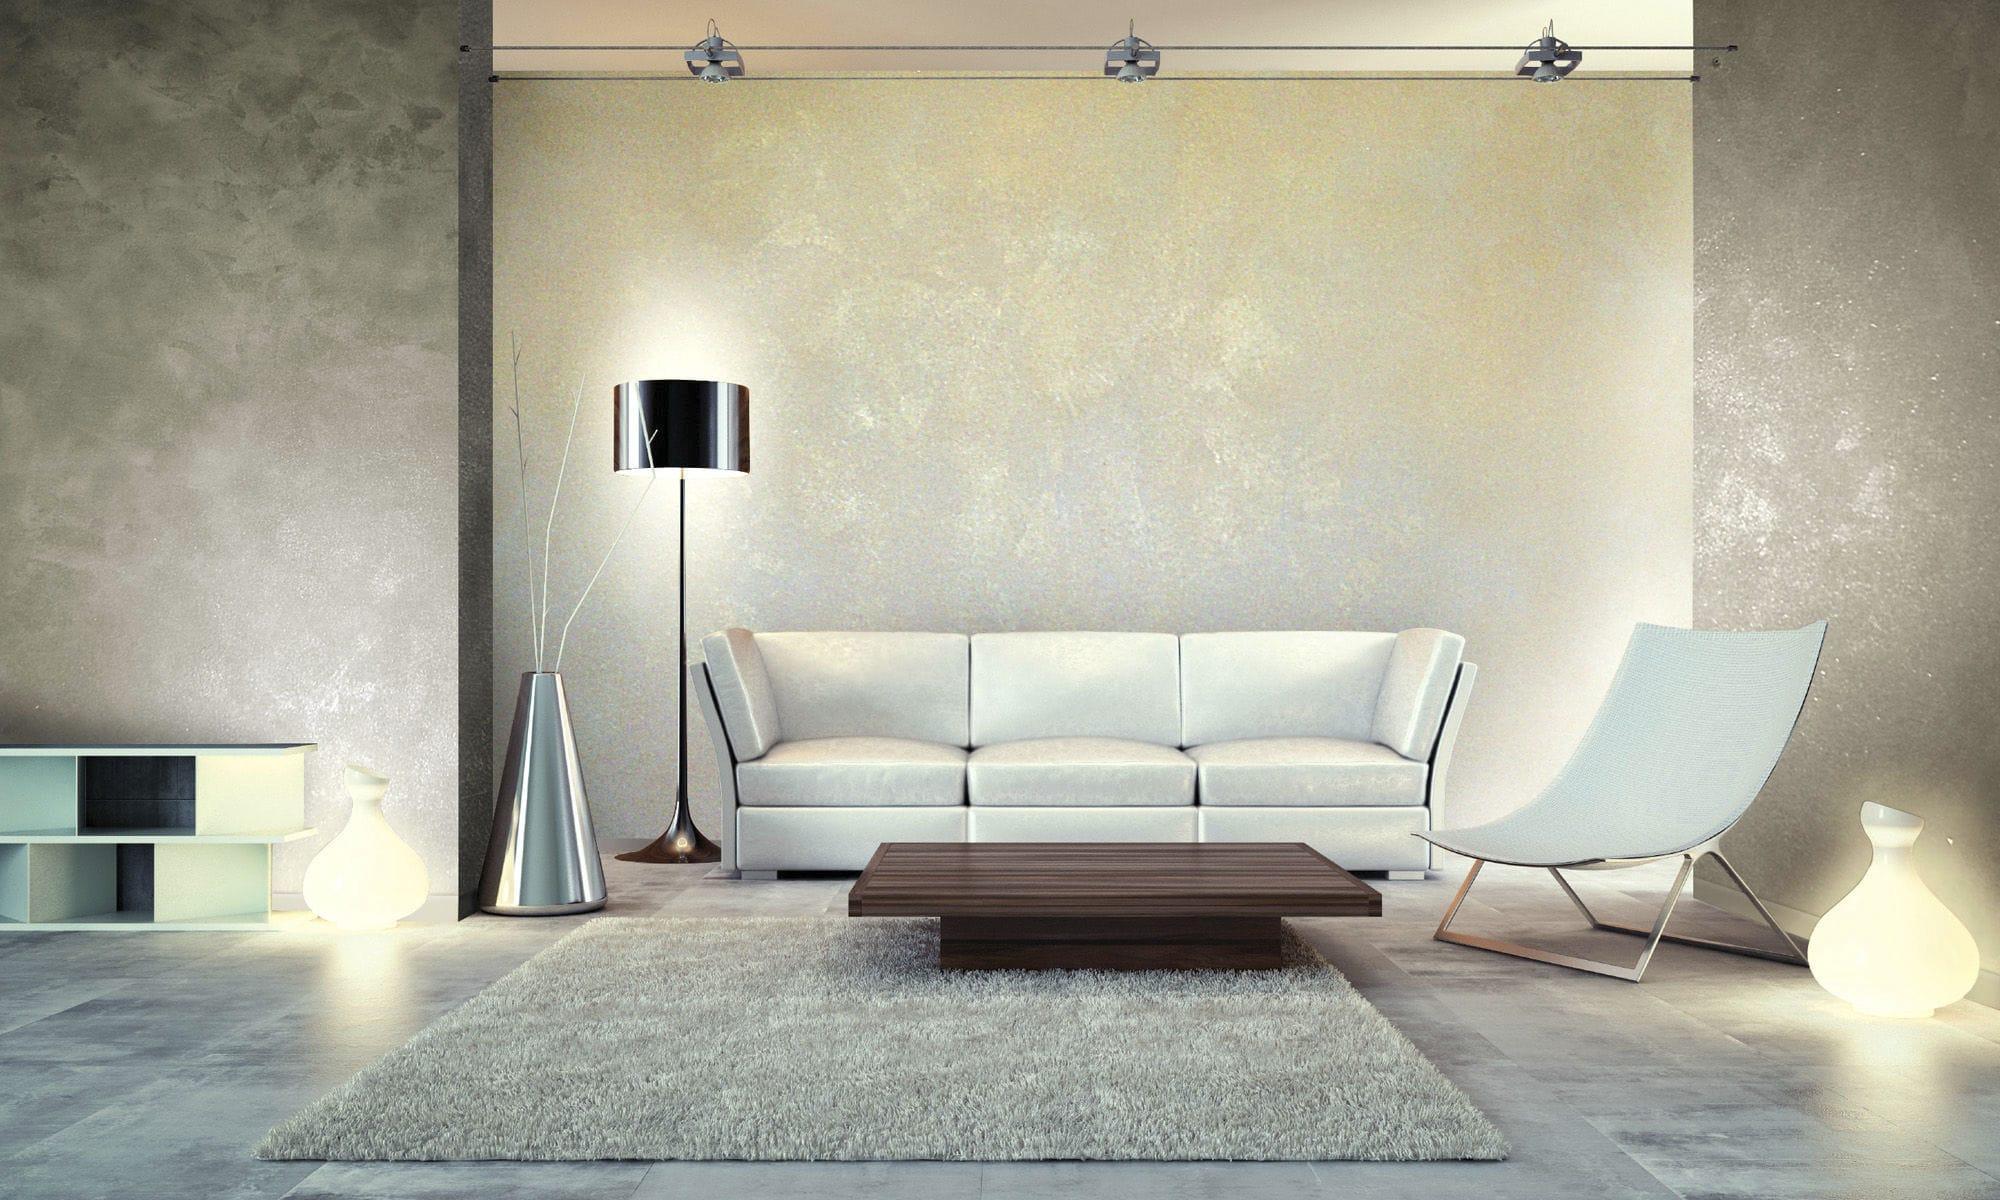 Top Peinture décorative / pour mur / intérieure / acrylique - KLONDIKE  YS29